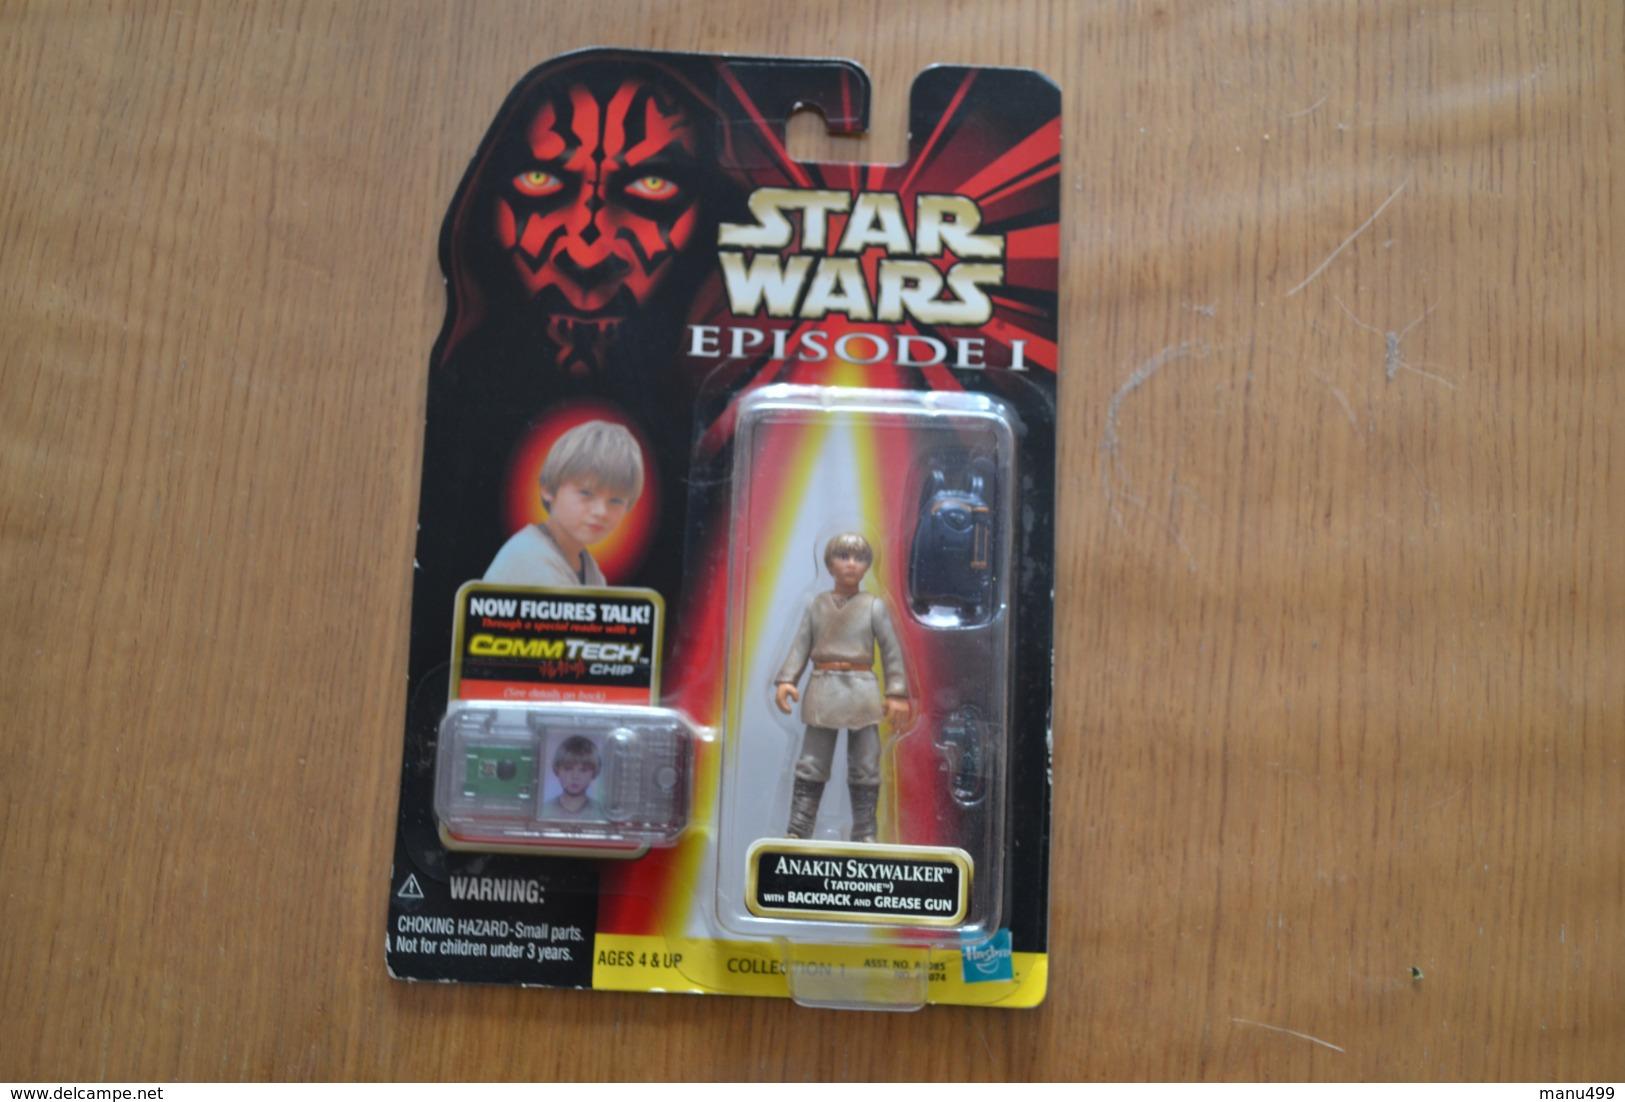 Star Wars  - Episode 1 - Anakin Skywalker (Tatooine) - Episodio I